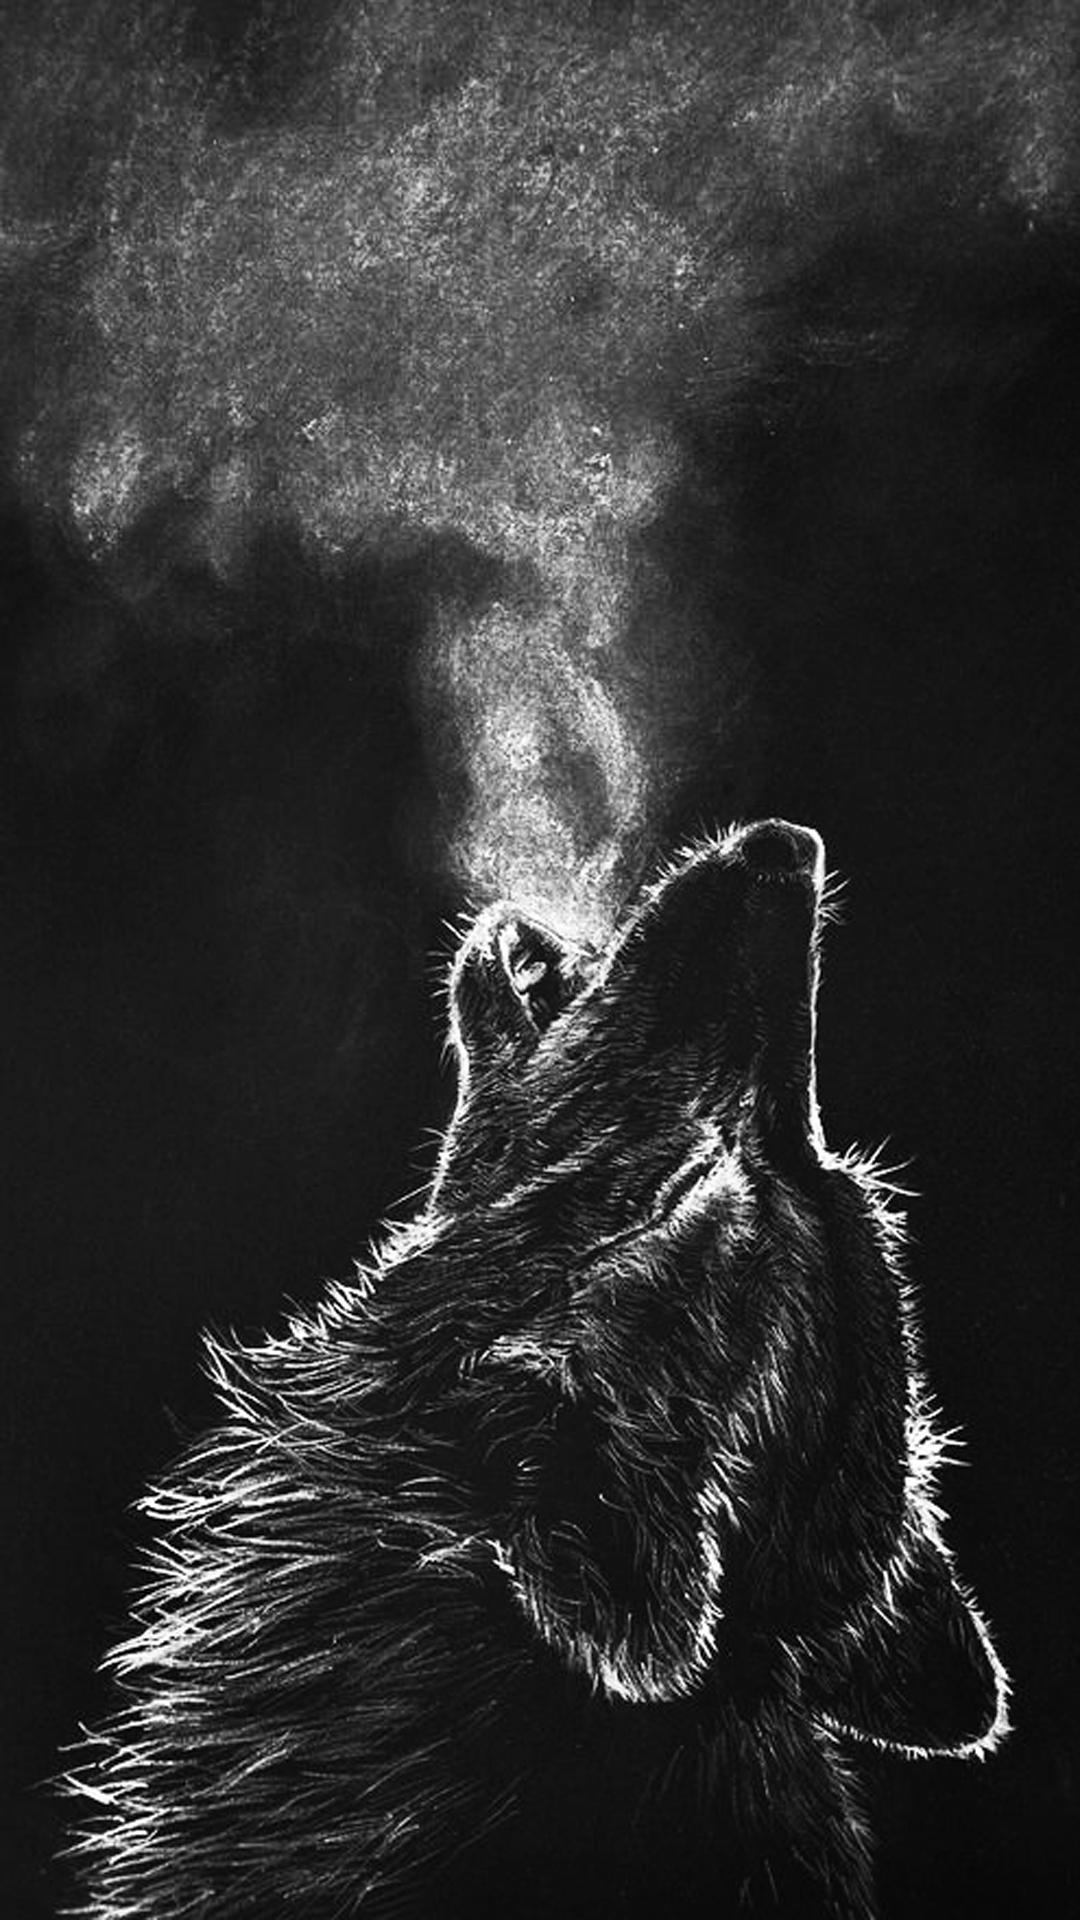 عکس زمینه گرگ خفن سیاه سفید گنگ بالا پس زمینه